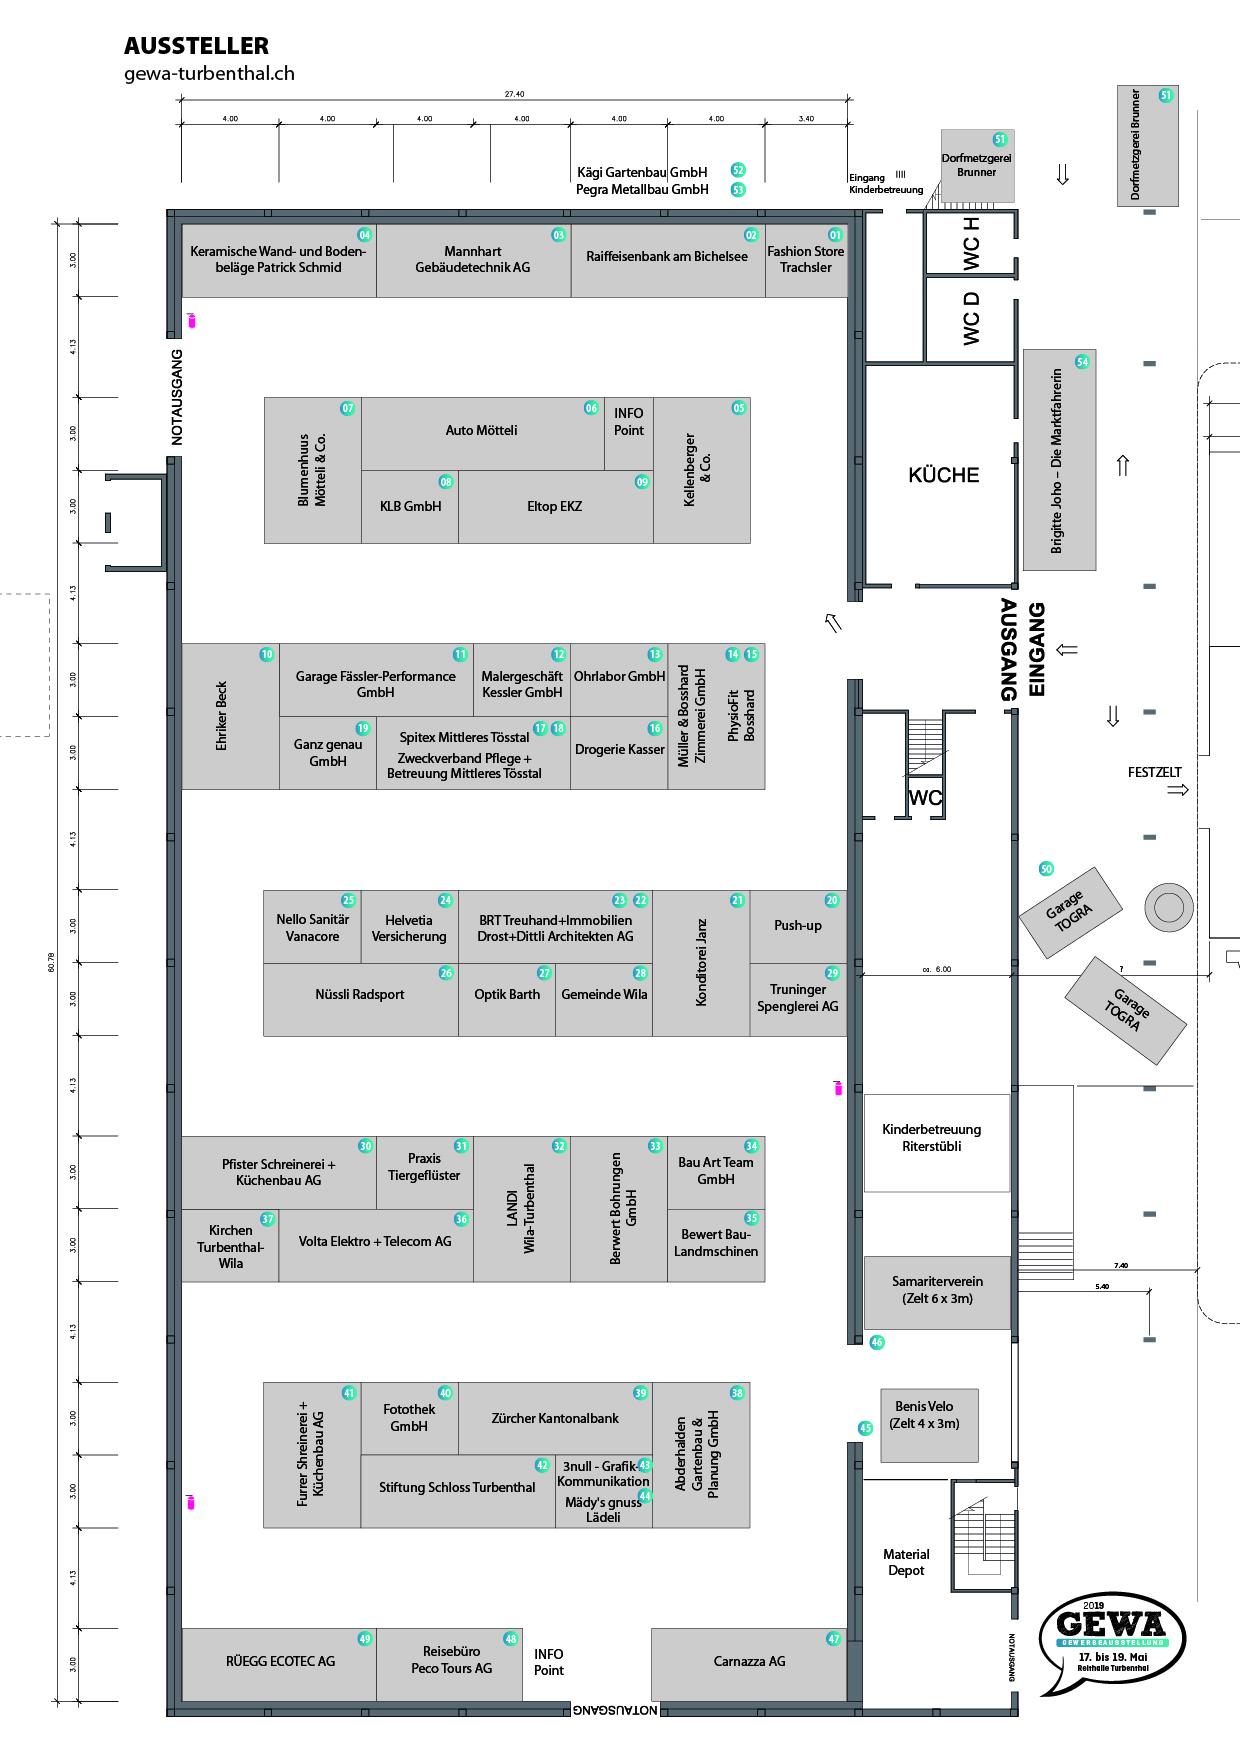 Hallenplan-GEWA2019_Aussteller.jpg